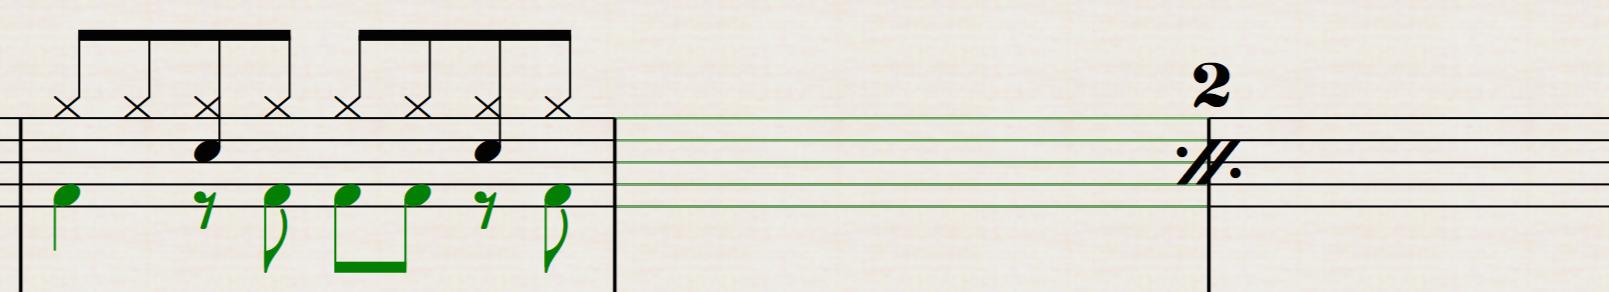 2-bar-correct